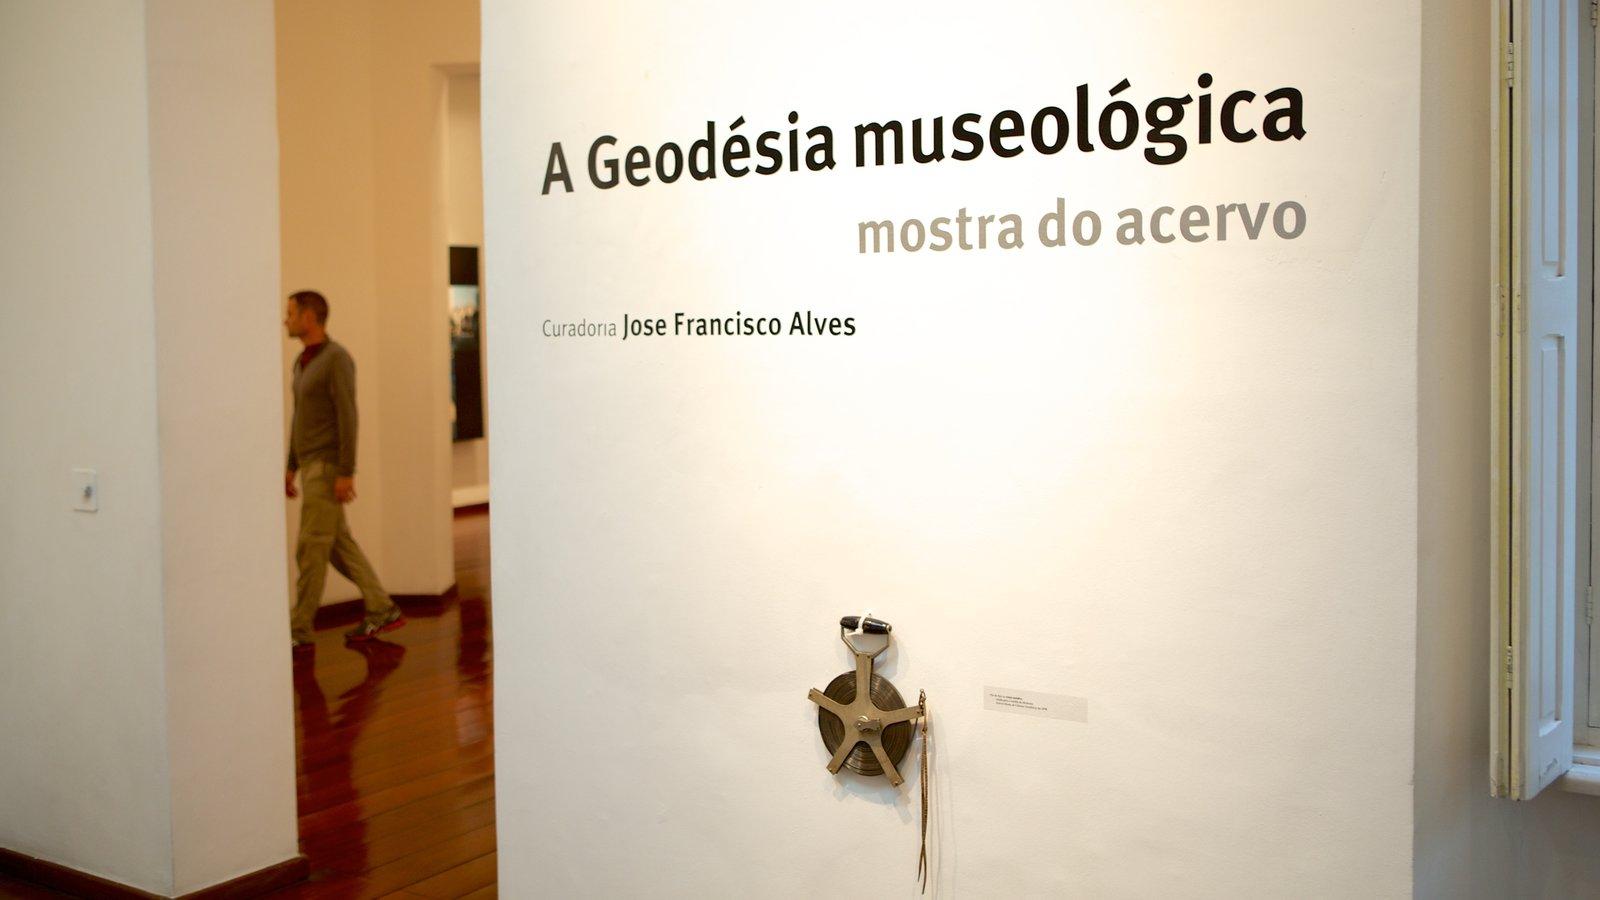 Museu de Arte Contemporânea que inclui sinalização e vistas internas